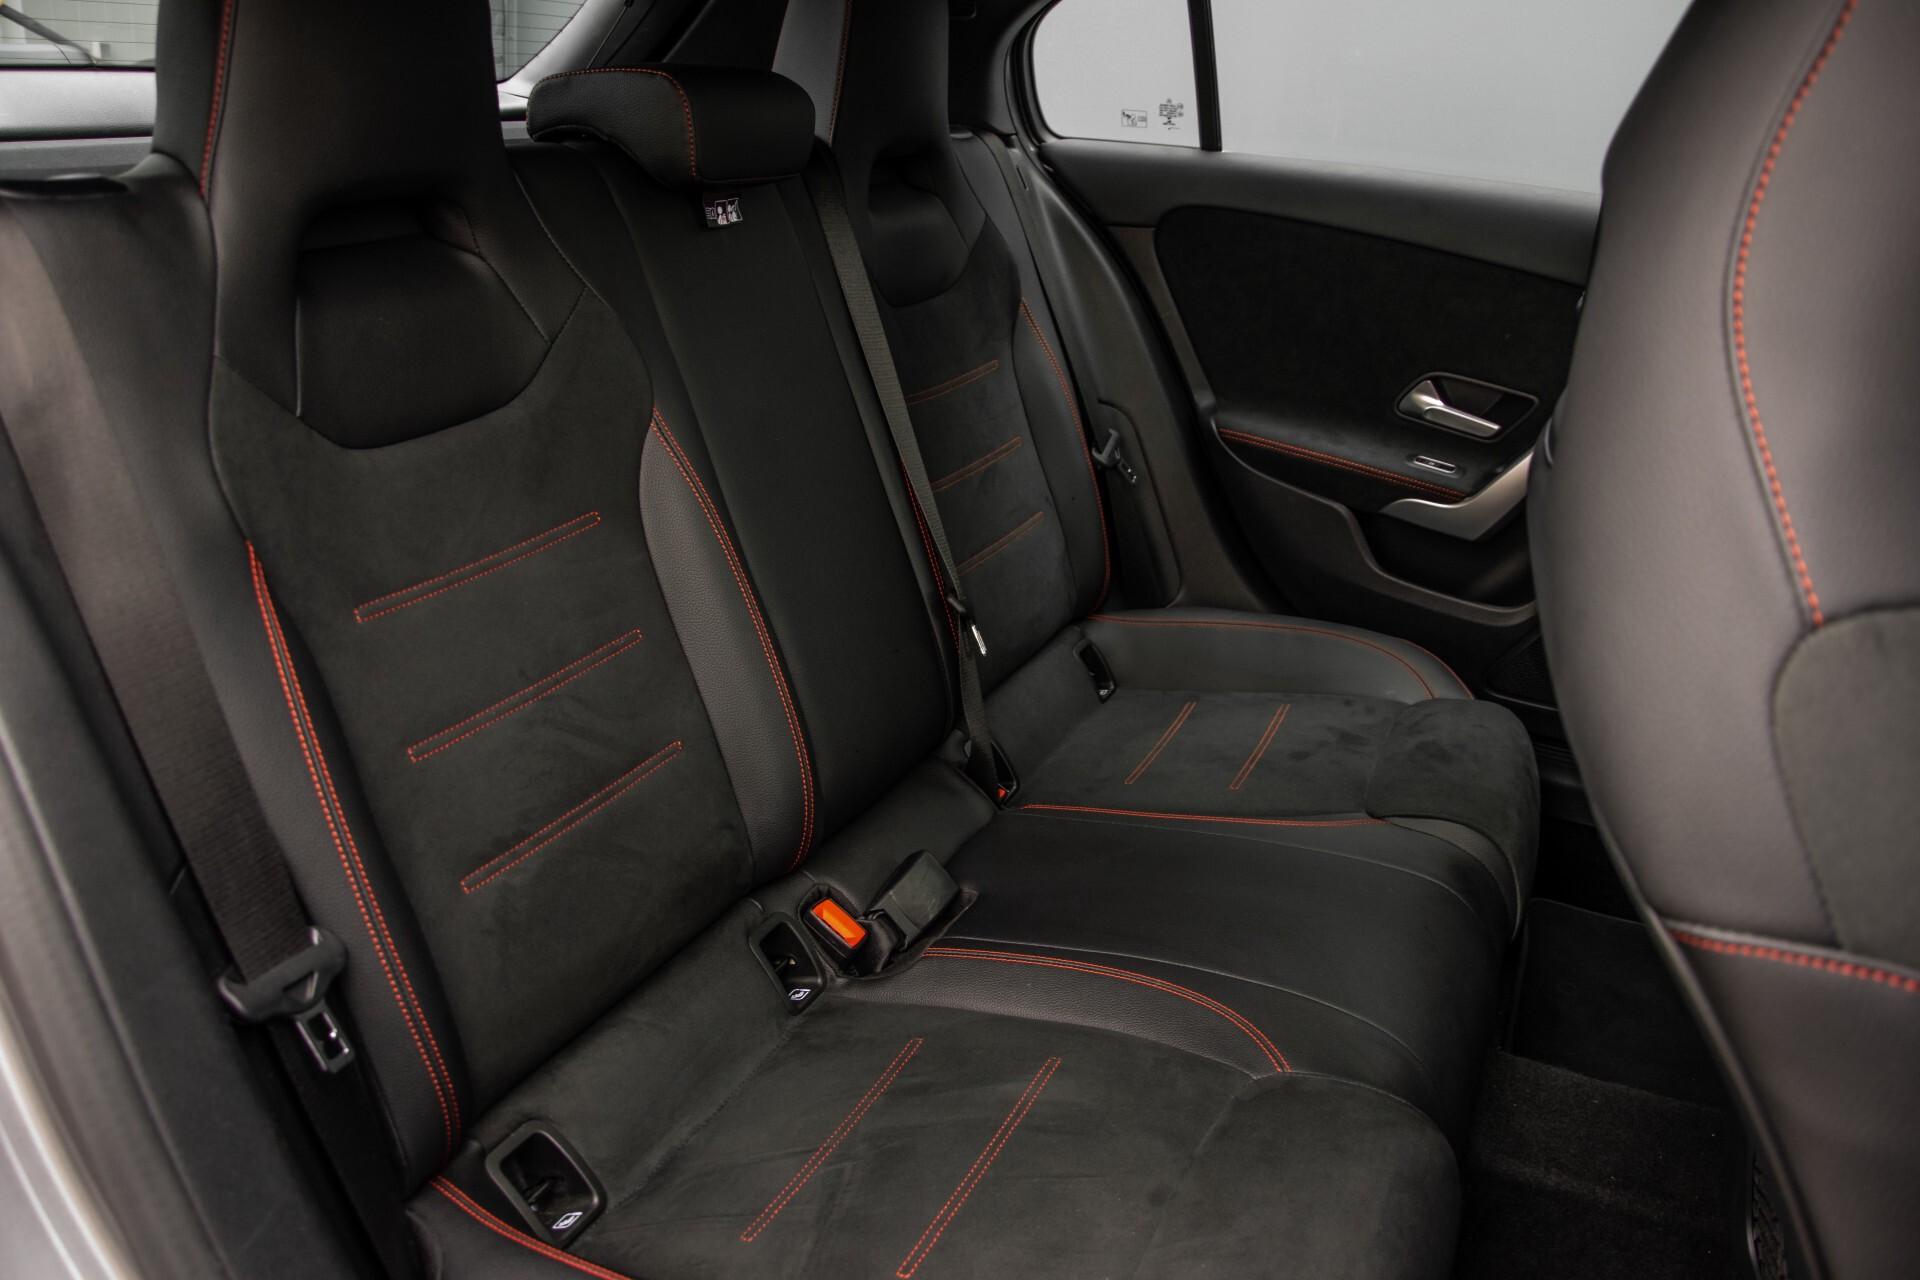 Mercedes-Benz A-Klasse 180 d AMG Panorama/MBUX/DAB/LED Aut7 Foto 4